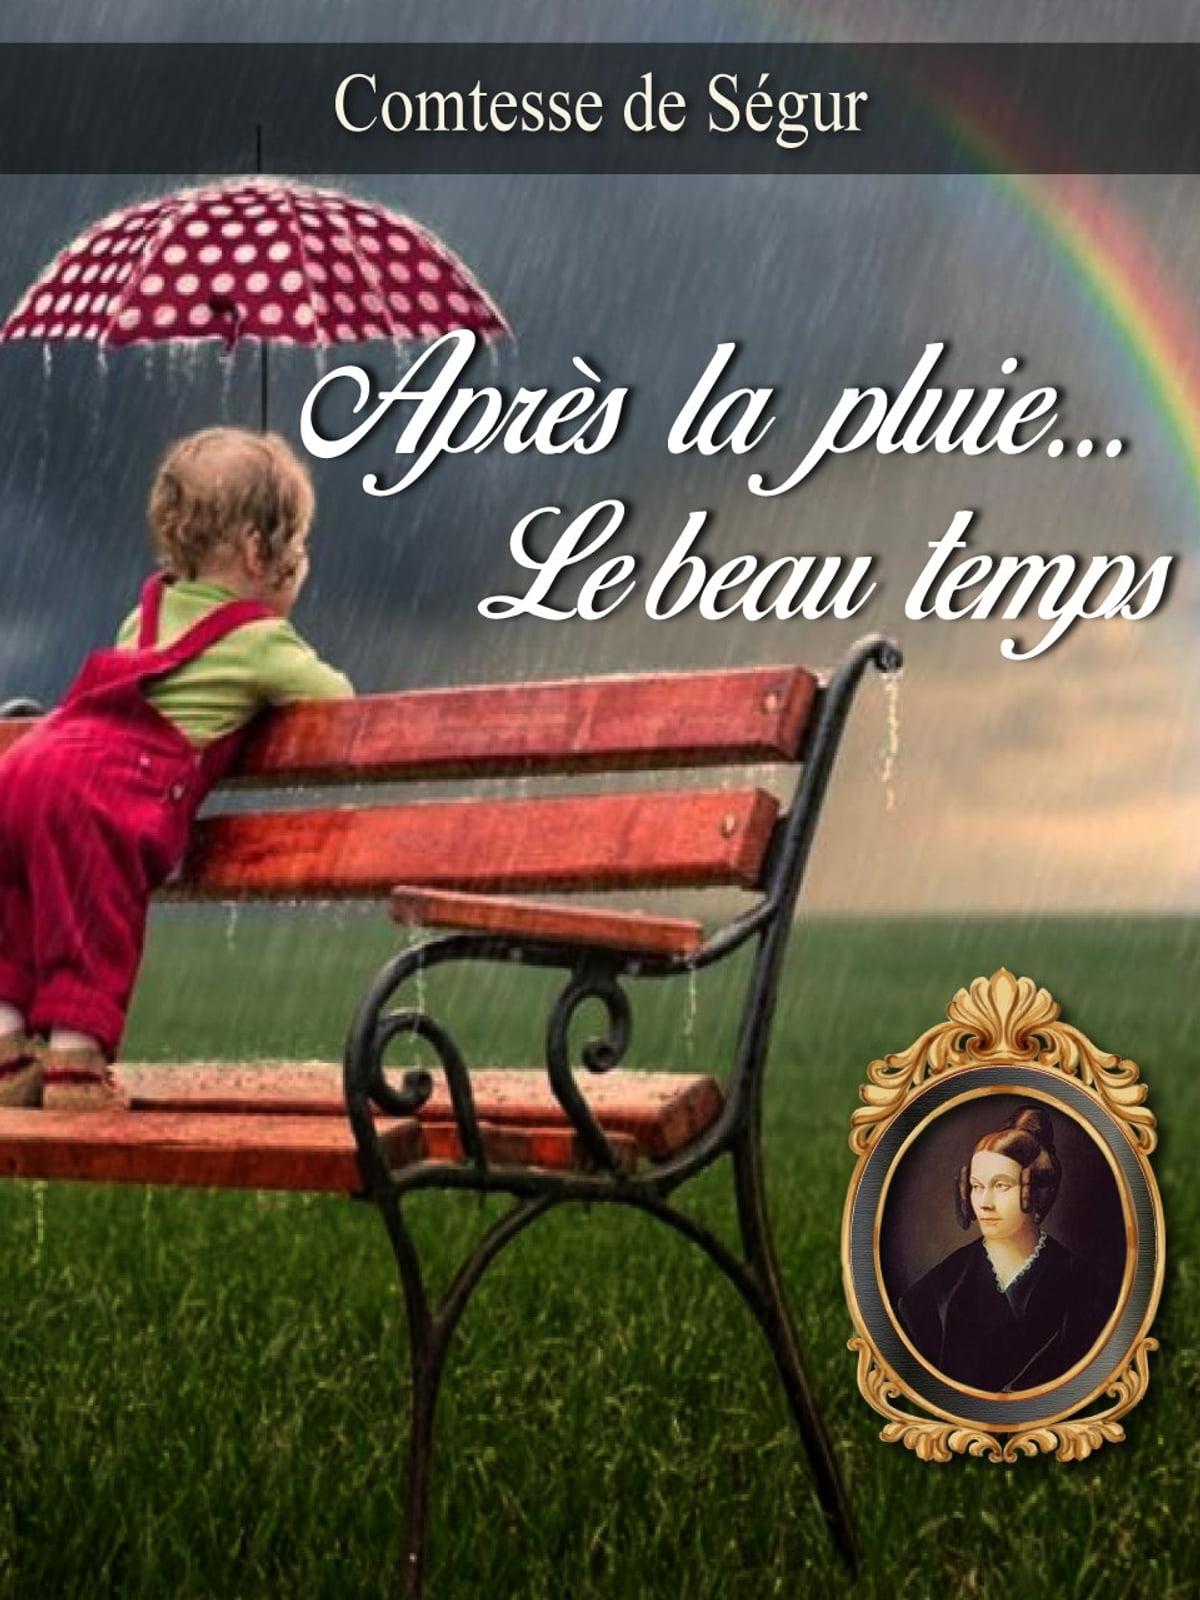 La Pluie Et Le Beau Temps : pluie, temps, APRES, PLUIE, TEMPS, EBook, Comtesse, Ségur, 1230003973110, Rakuten, United, States